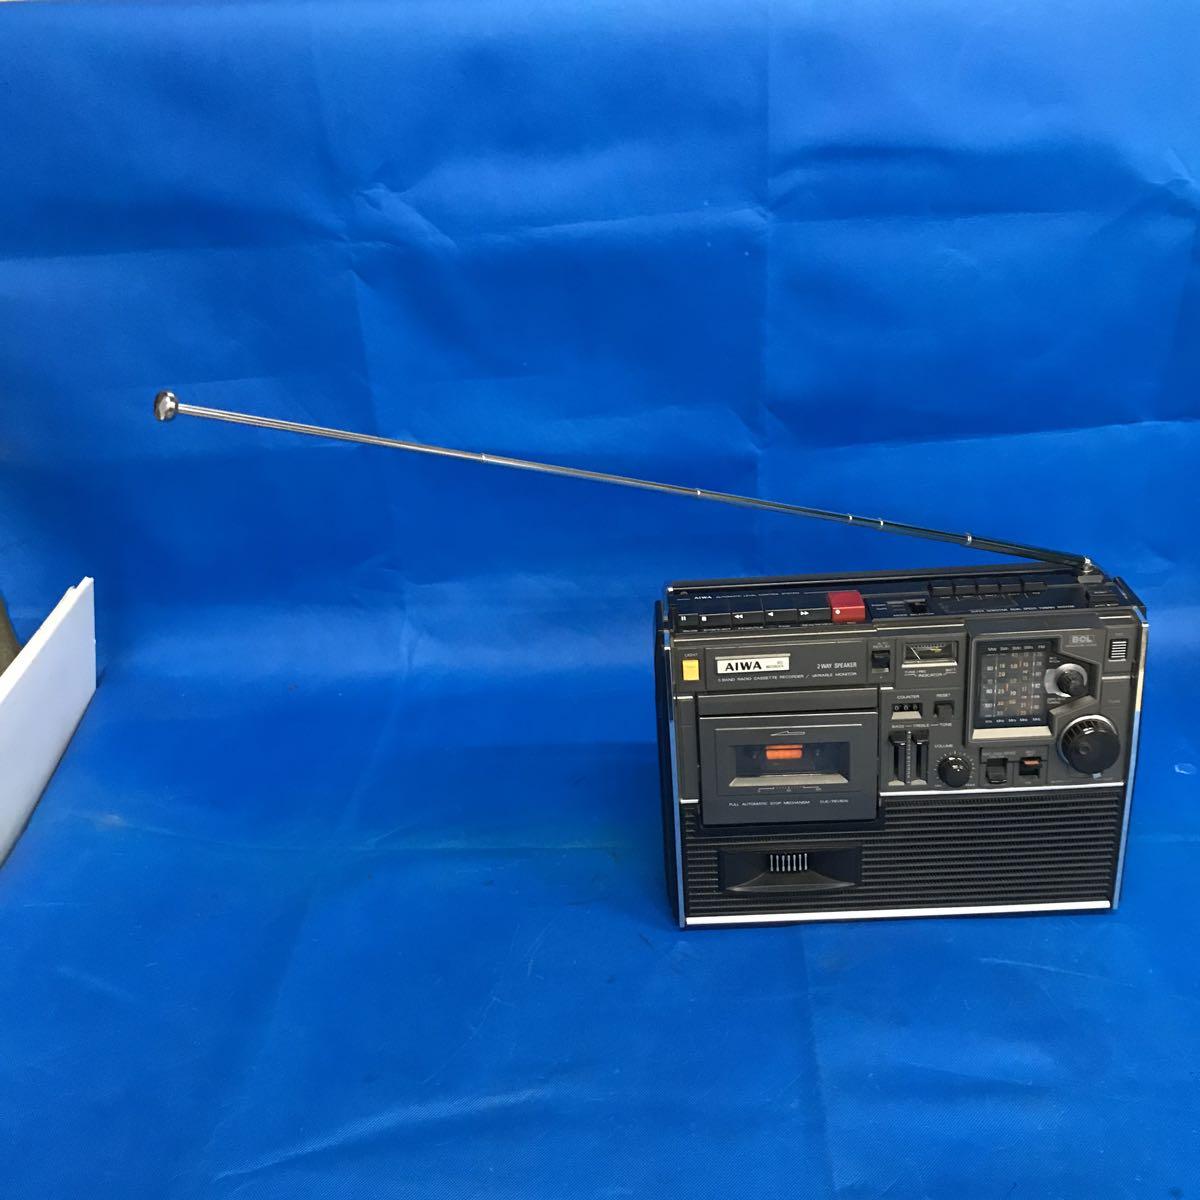 AIWA/アイワ 5バンド ラジオカセットレコーダー BCLレコーダー TPR-255 電源コード付き 【ジャンク品/現状渡し/部品取り/修理前提】_画像4